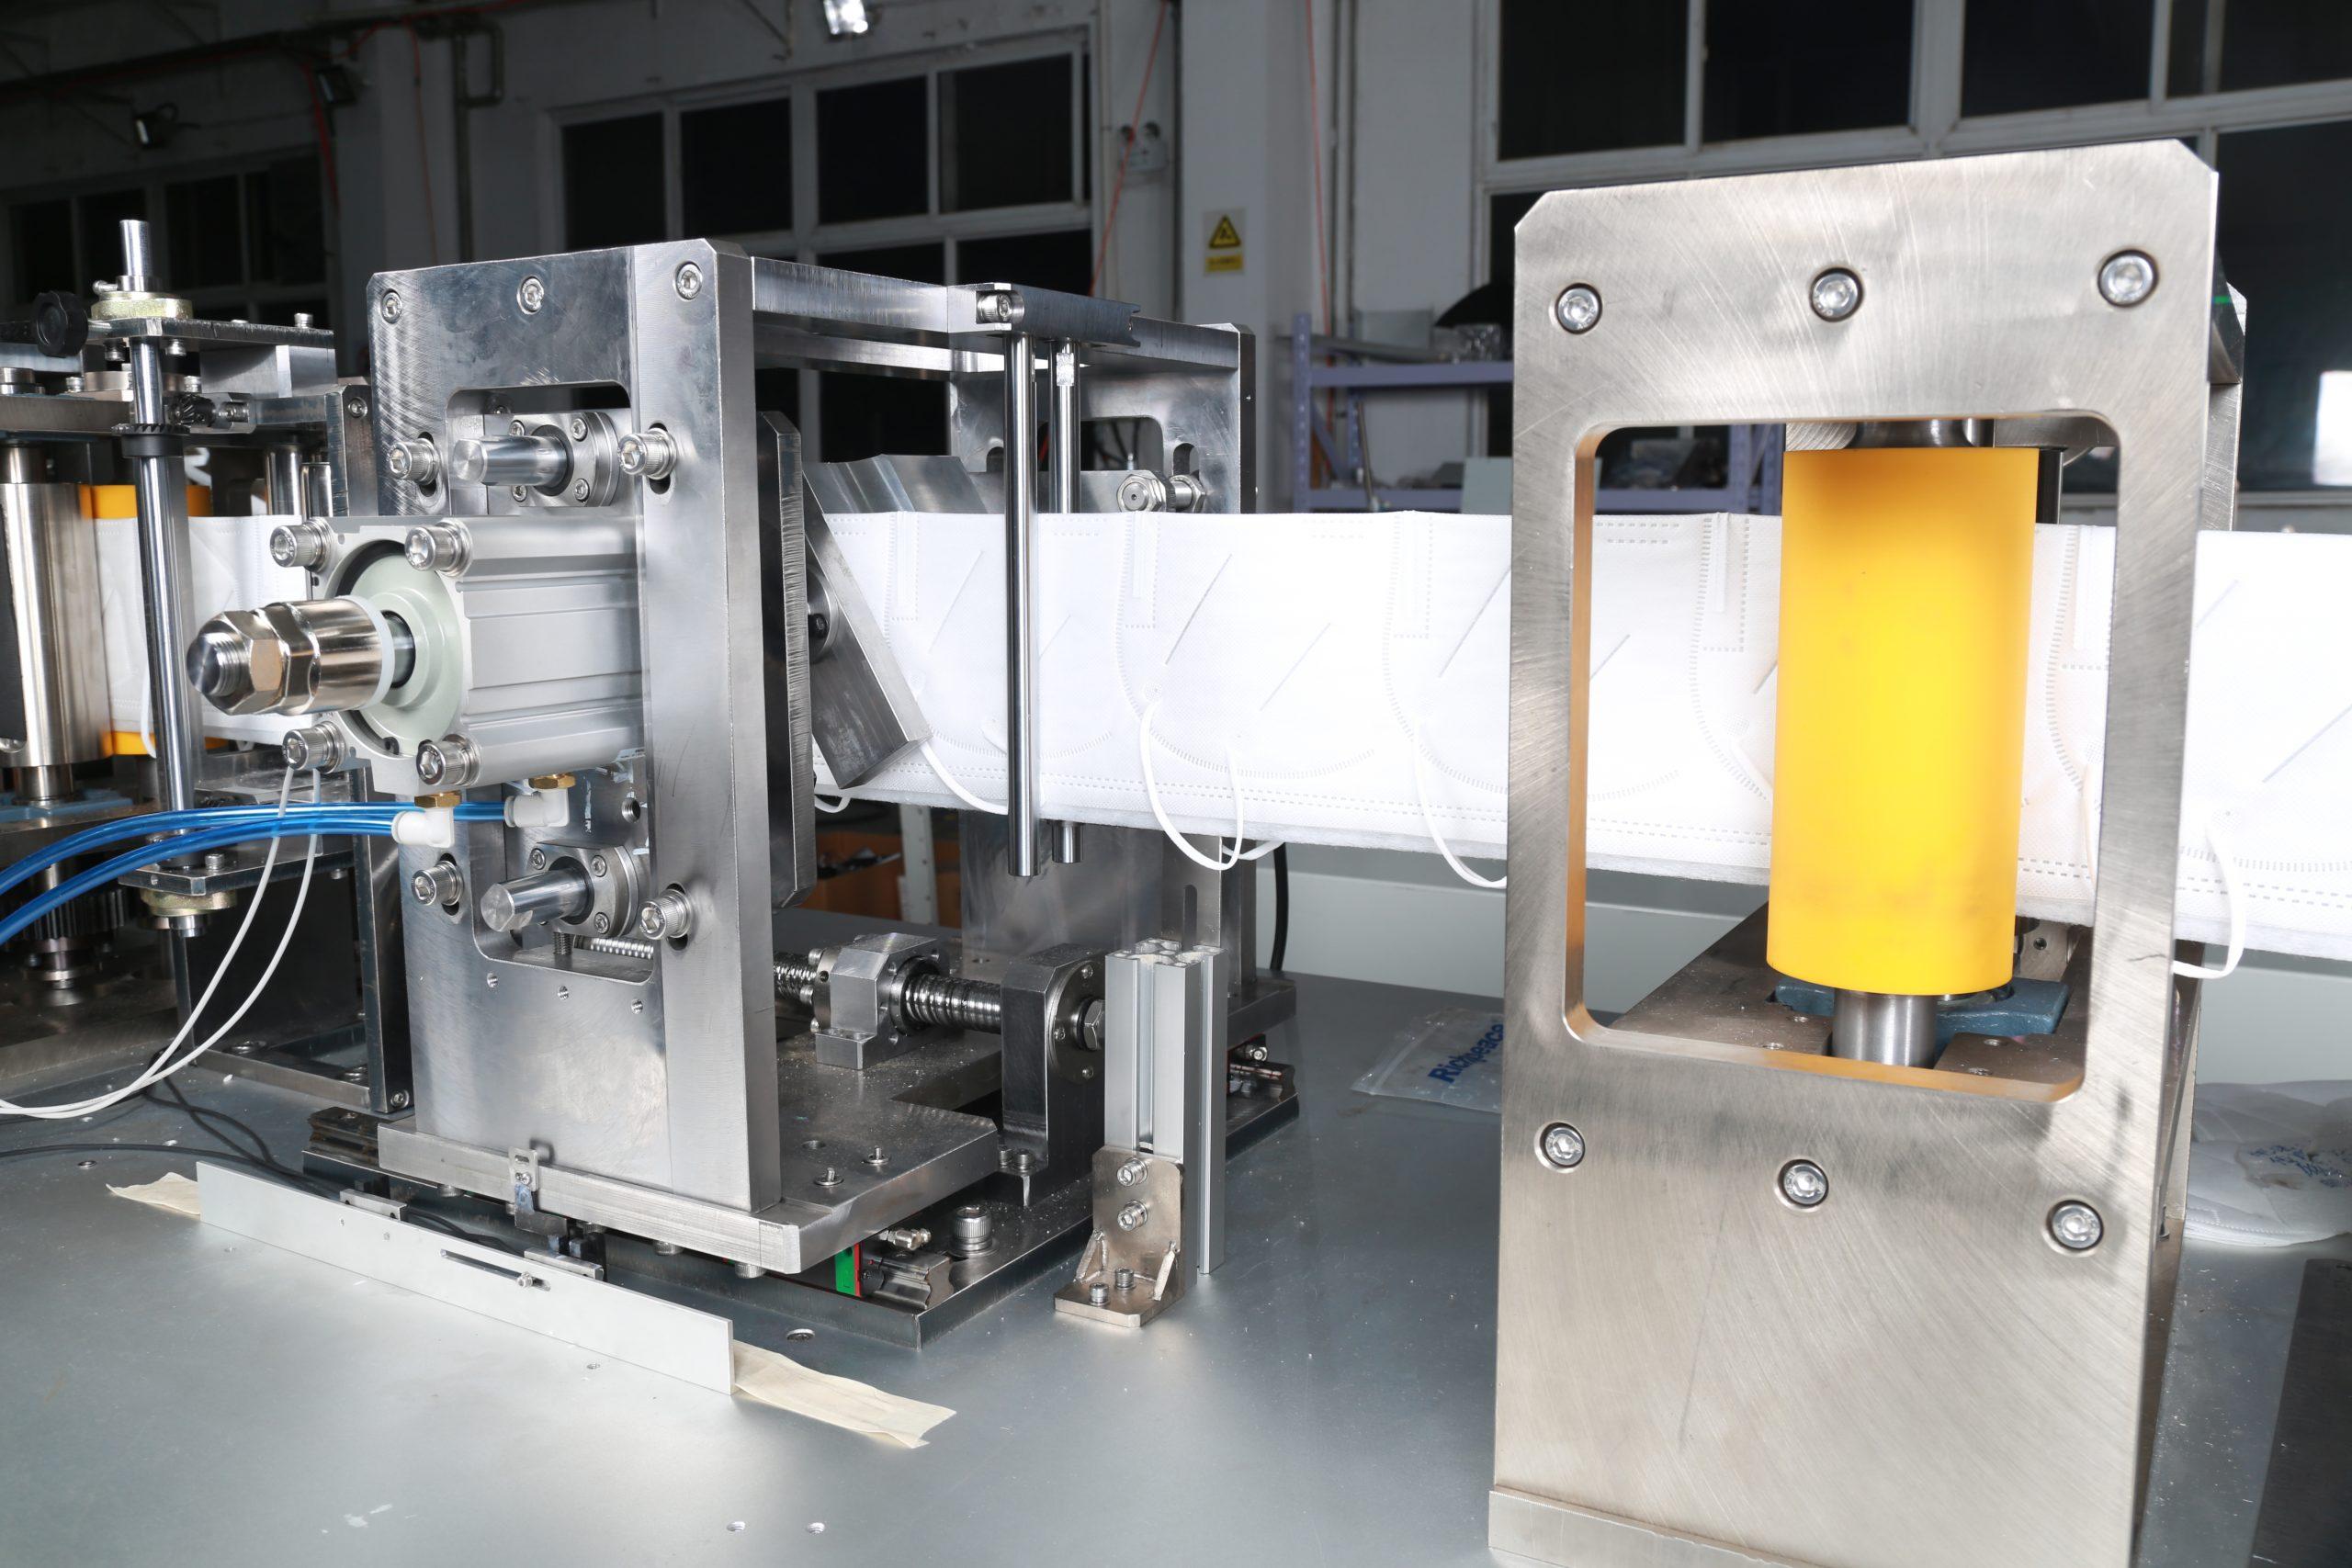 línea de producción de mascarillas contra el COVID-19